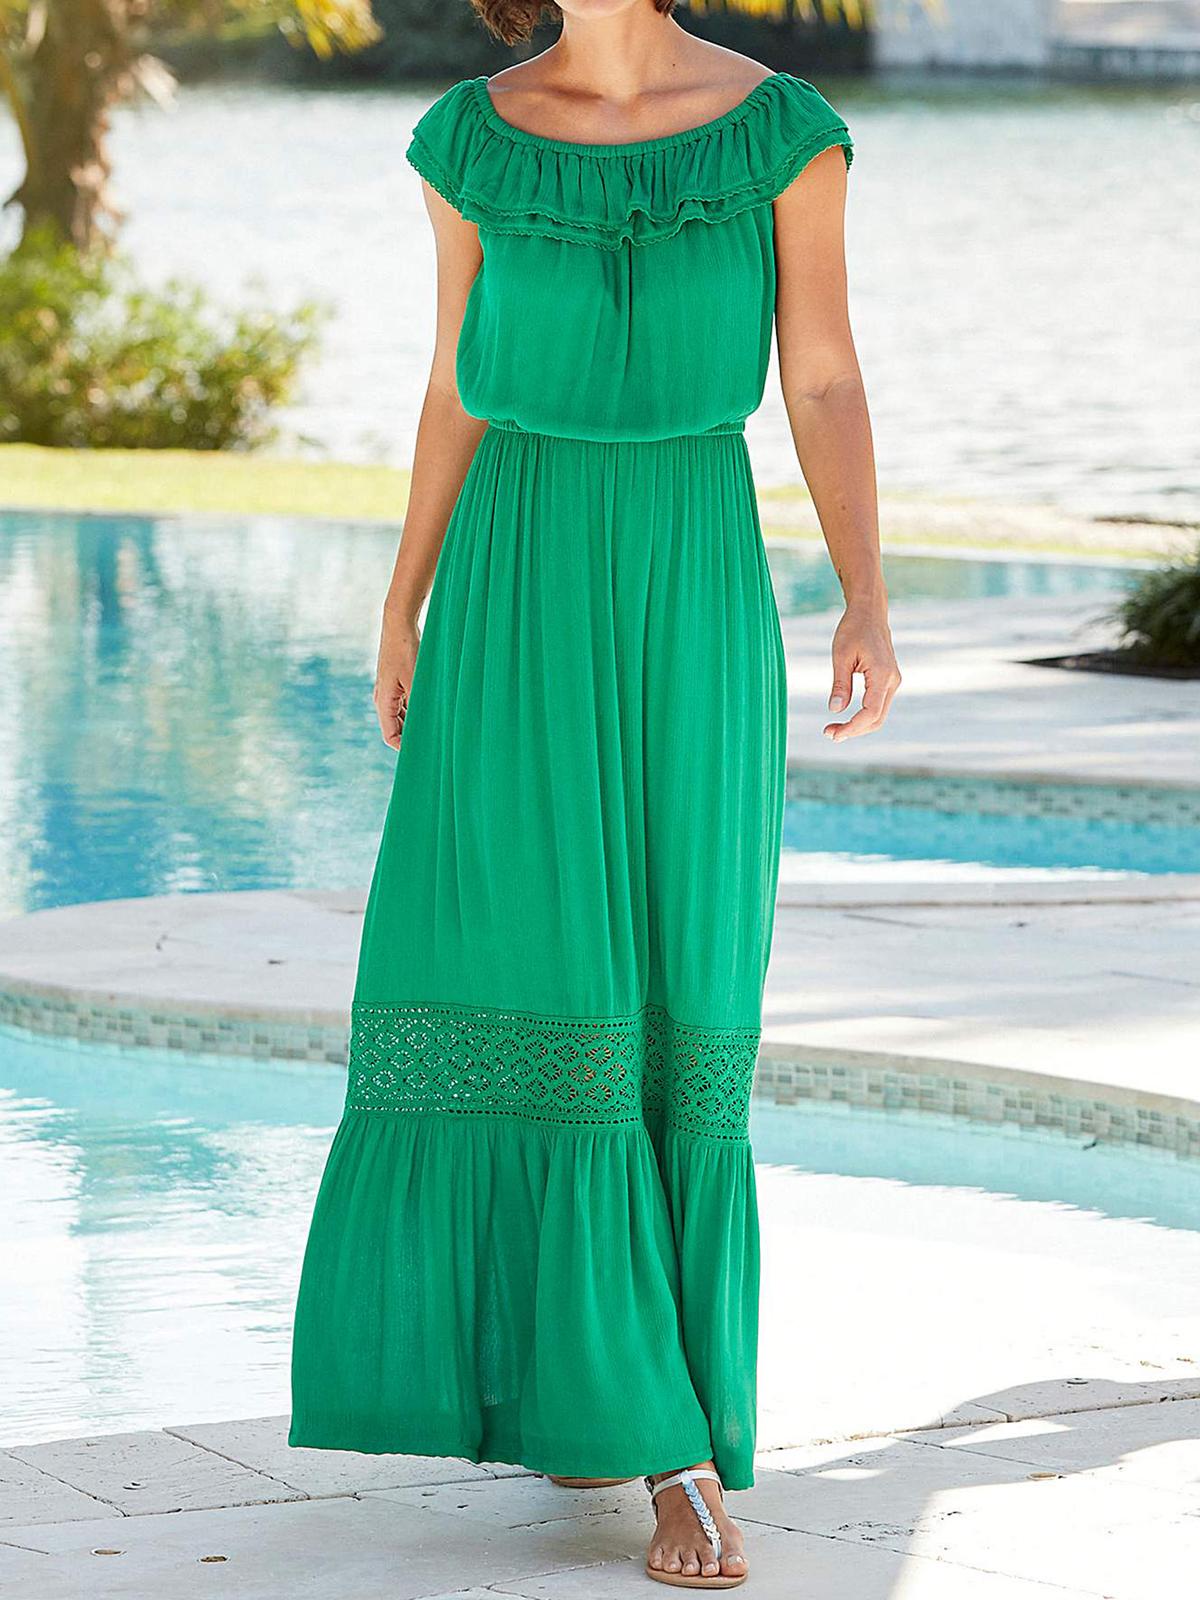 Joanna Hope - - Joanna Hope GREEN Boho Gypsy Maxi Dress - Plus ...